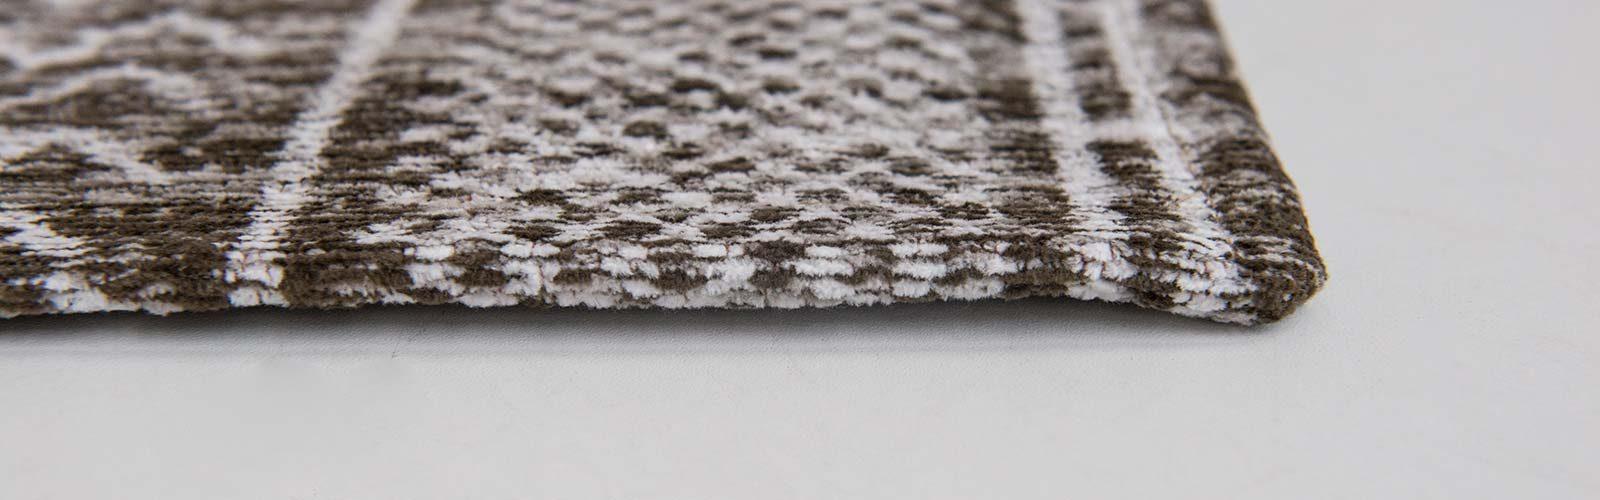 rugs Louis De Poortere LX8677 Wadisands zoom